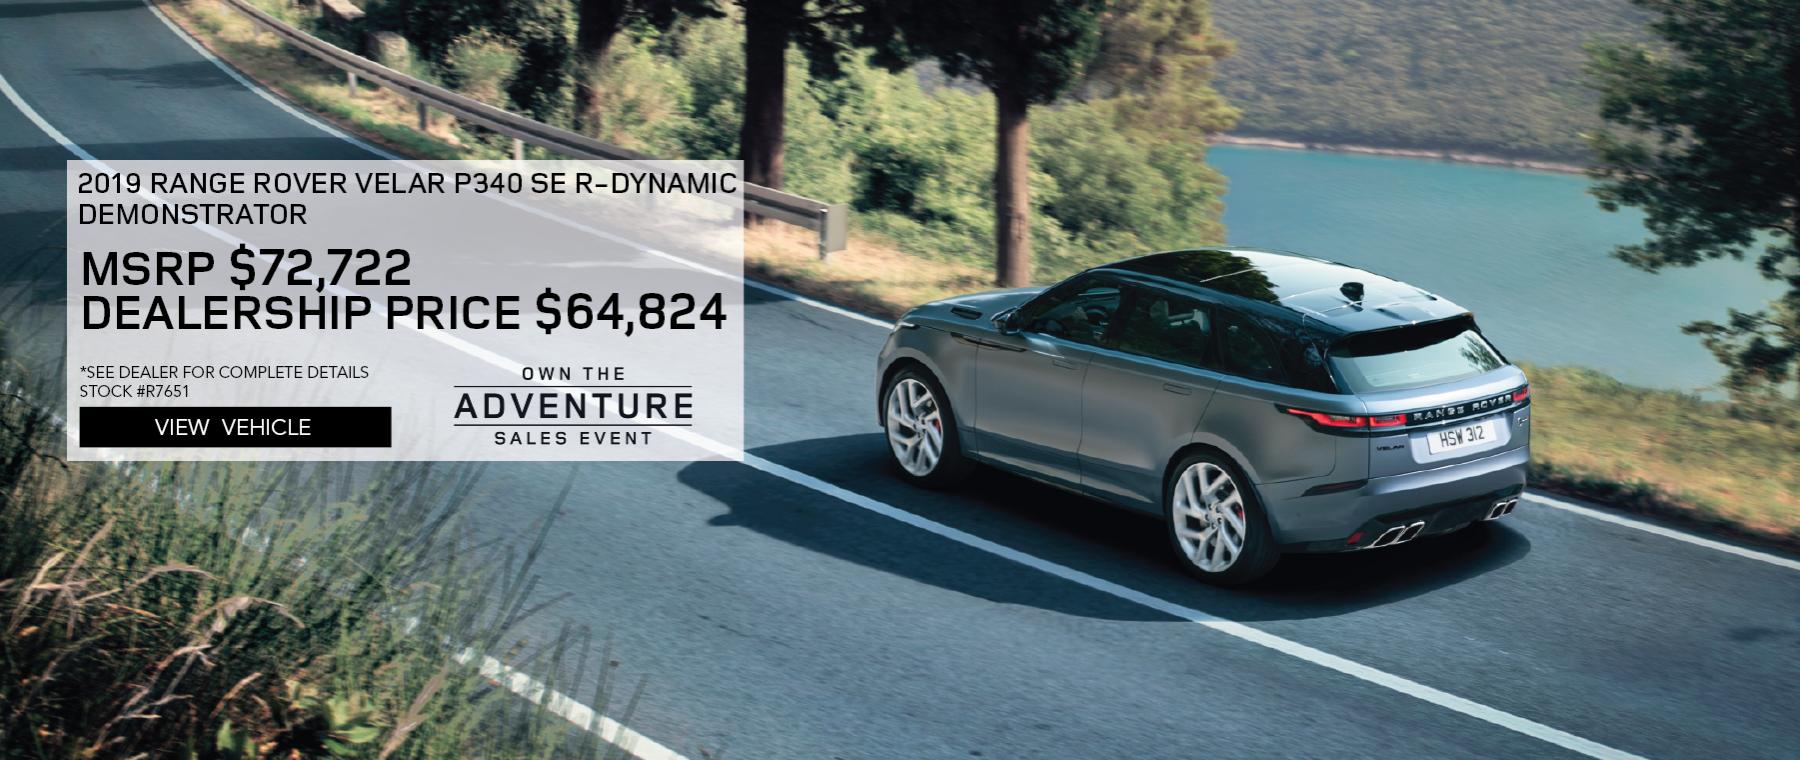 Grey 2019 Range Rover Velar P340 SE R-Dynamic with Navigation on road near lake. MSRP $72,722 Dealership Price $64,824 Stock #  R7651 *See dealer for complete details Offer Expires 2/29/2020